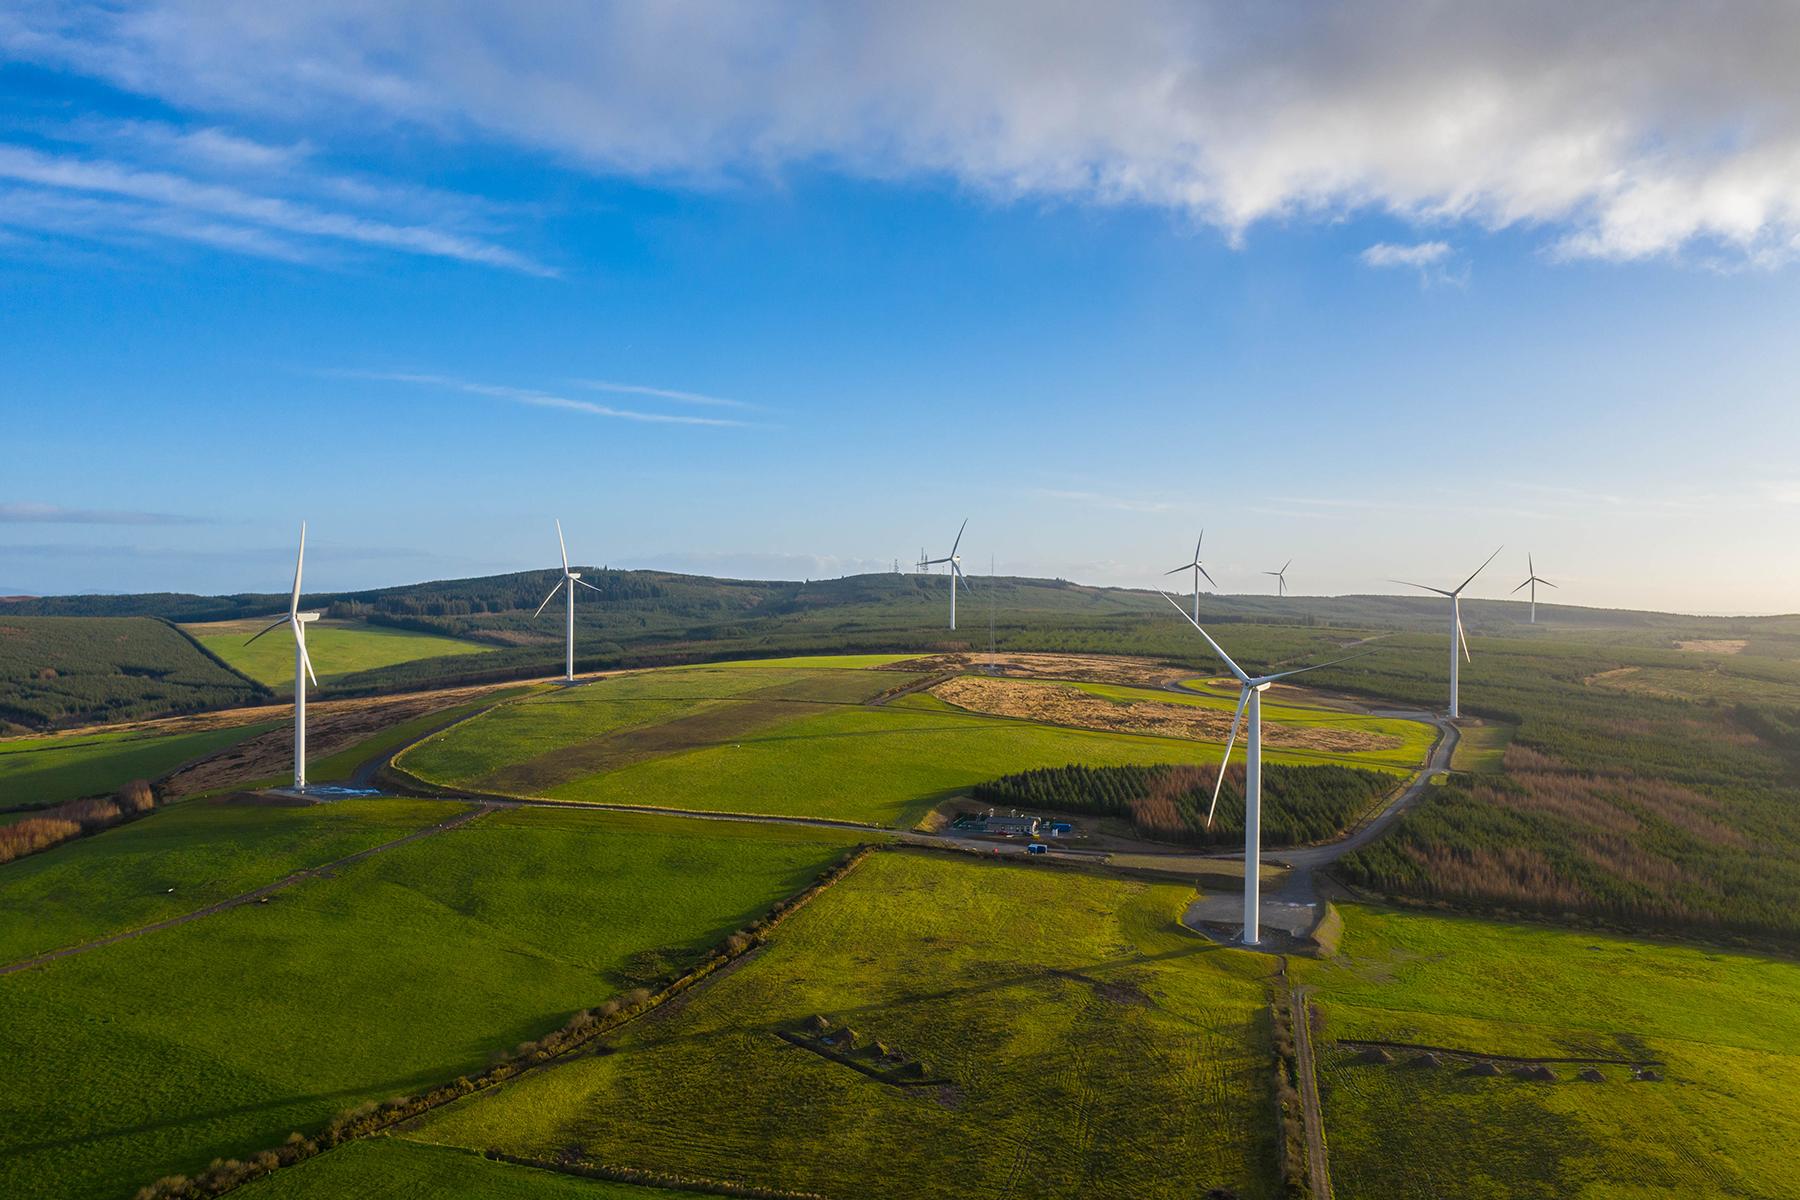 Net zero by 2040 – come wind or shine